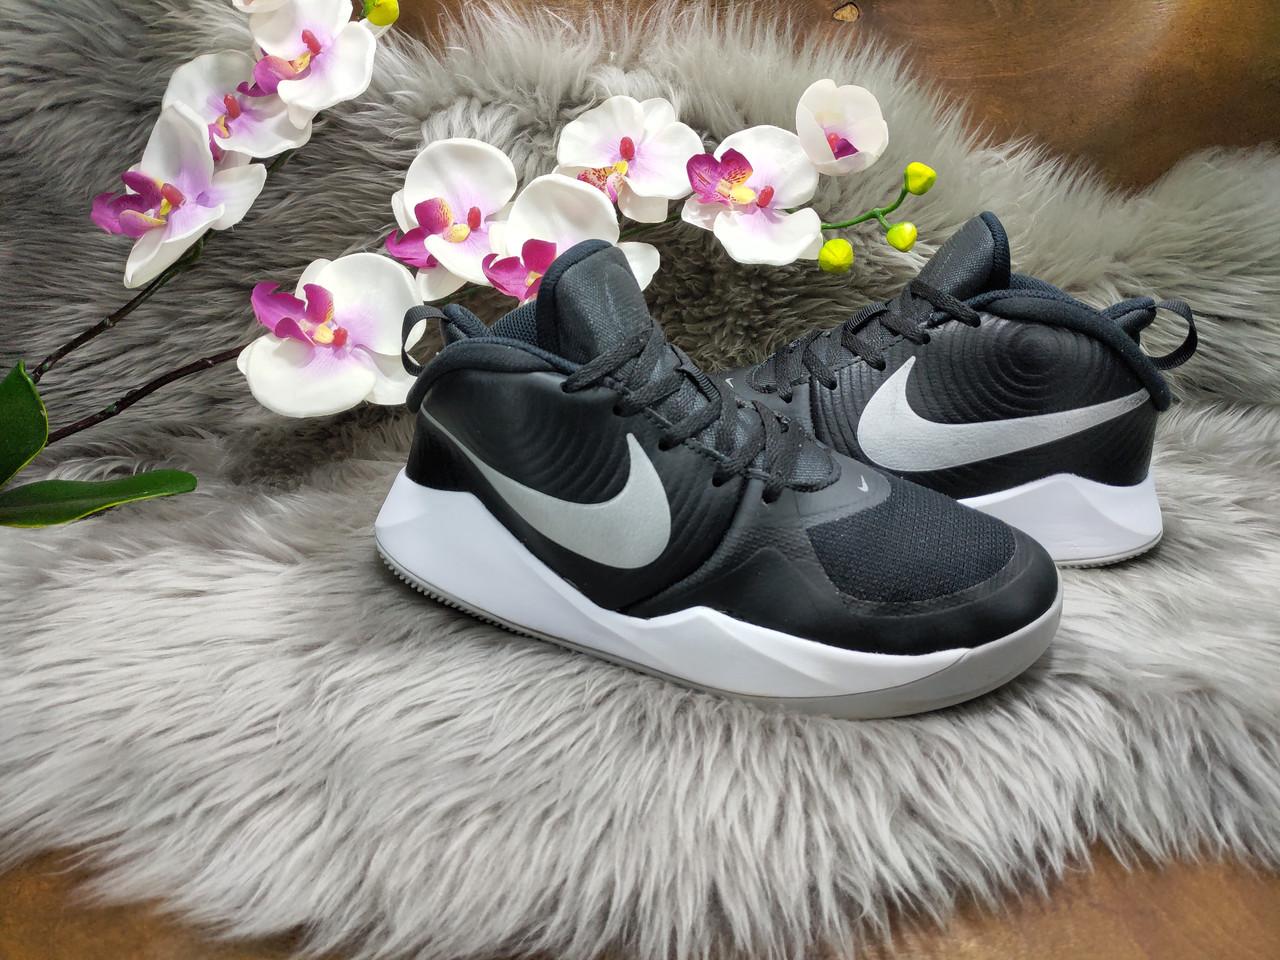 Кроссовки Nike Team Hustle D 9 (36.5 размер) бу